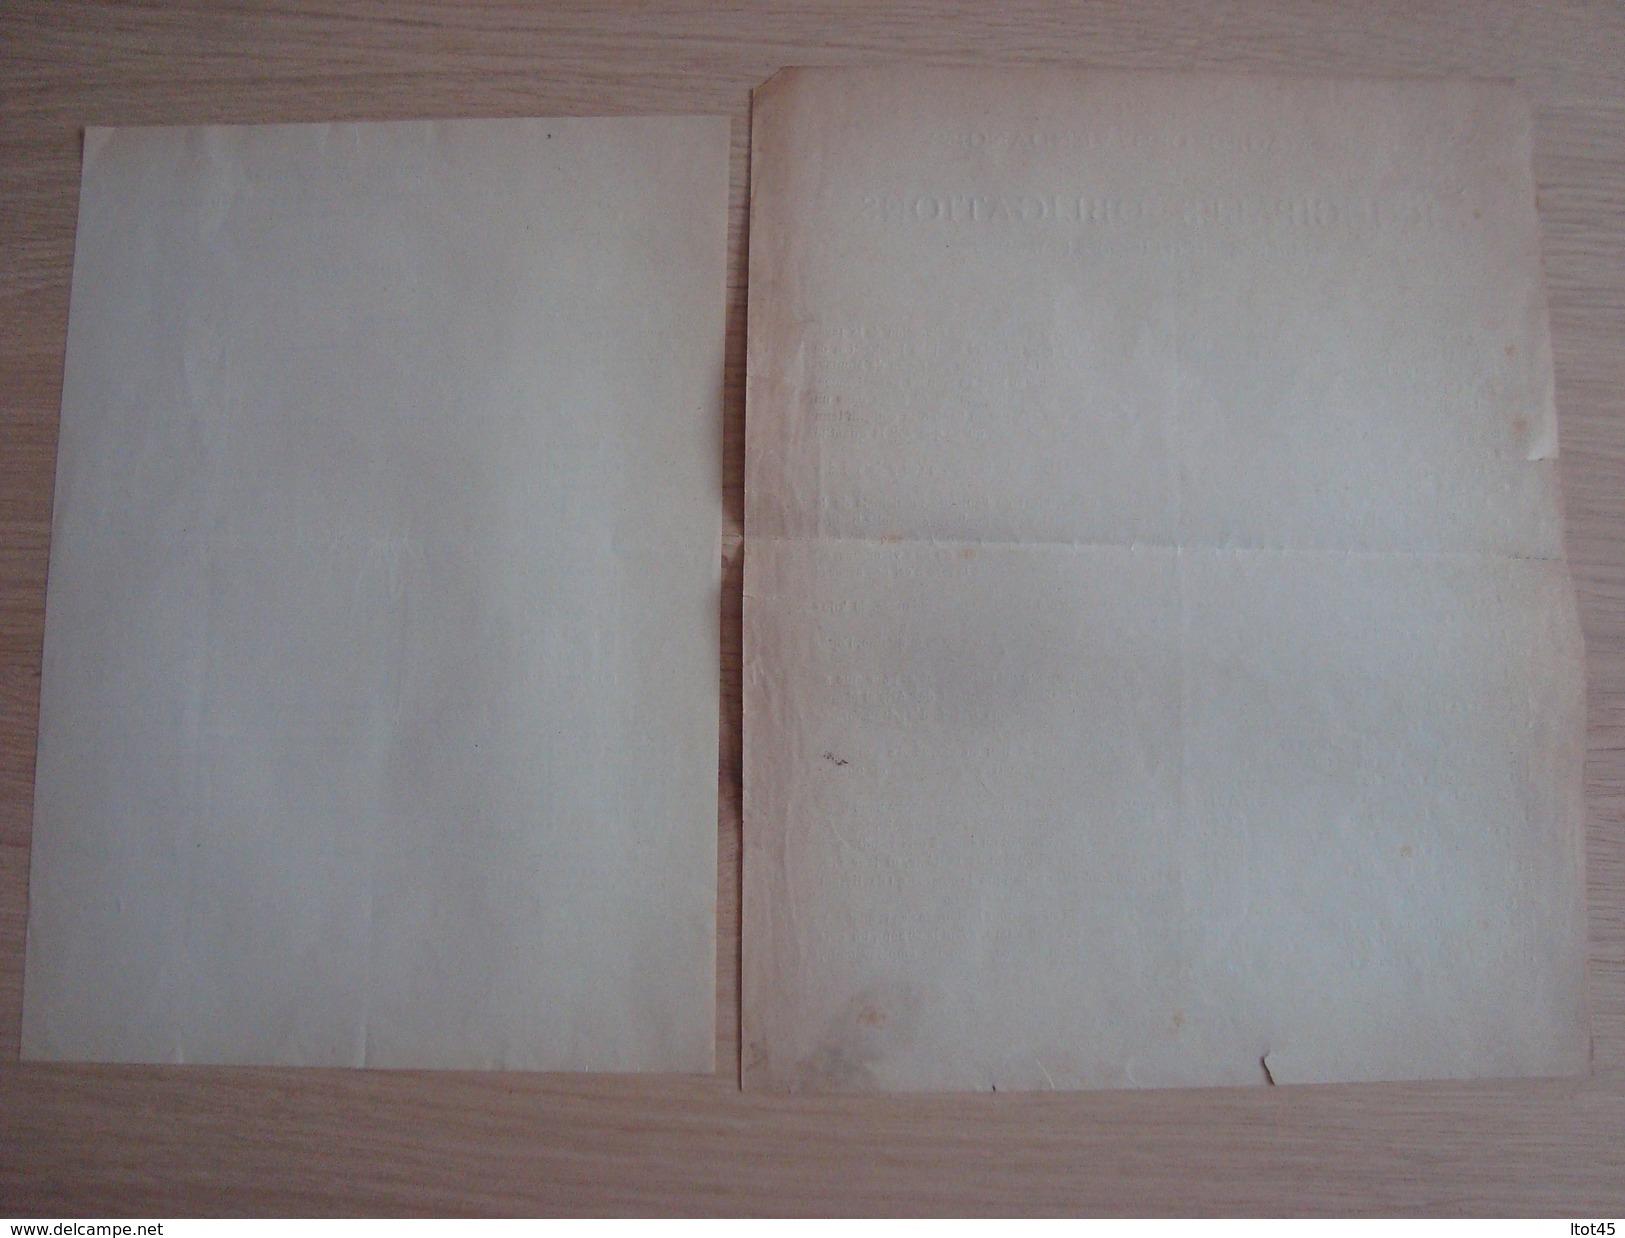 DOCUMENTS SUCRAGES DES VENDANGES PRINCIPALES OBLIGATIONS DES VITICULTEURS 1892 - Buvards, Protège-cahiers Illustrés